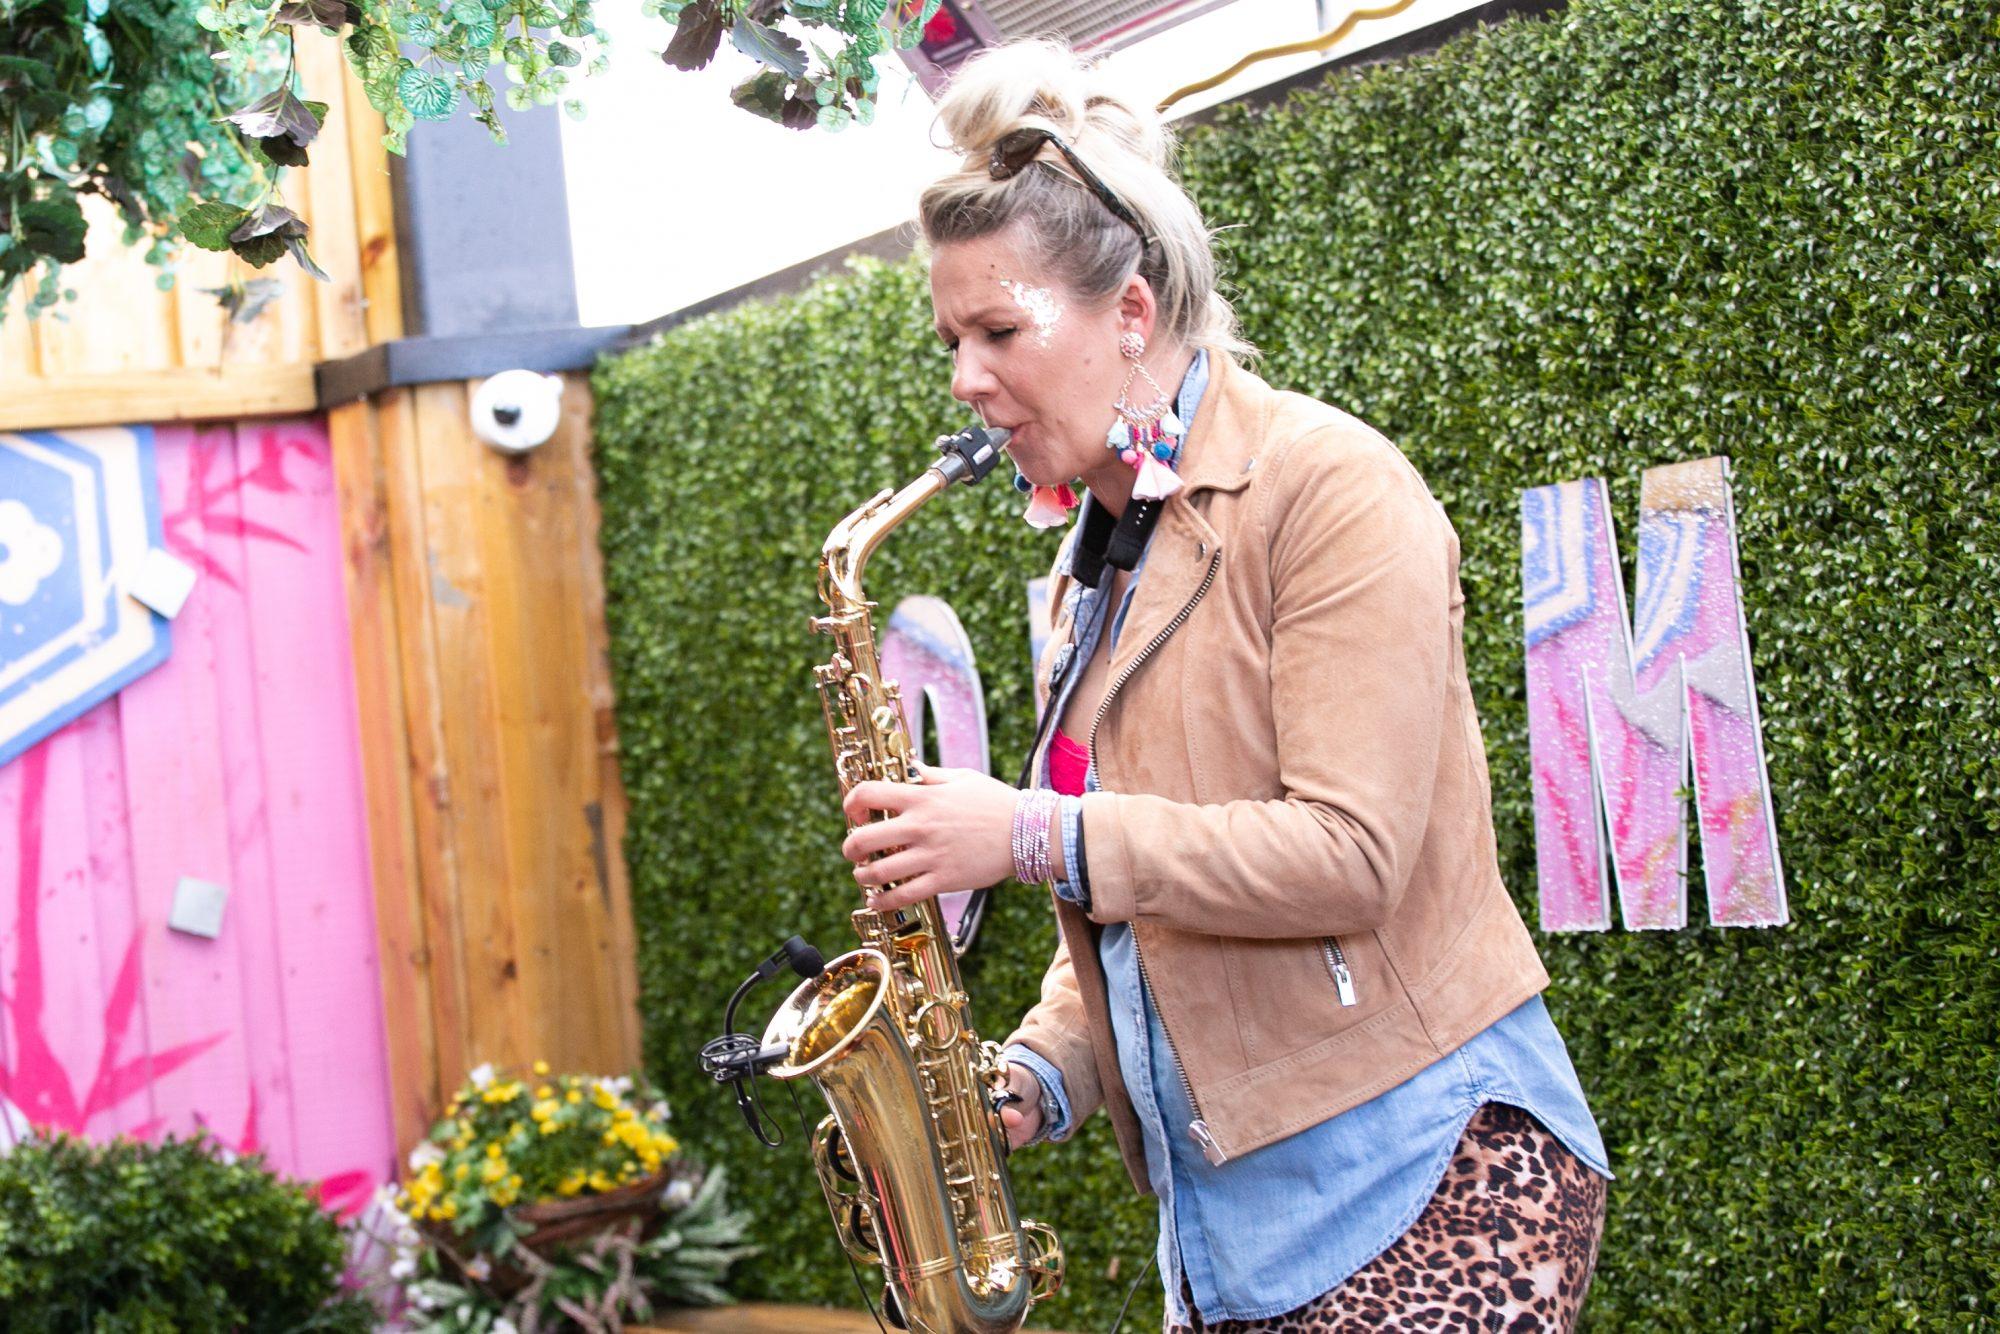 Natalia McGough at the SuperValu Gin Garden held at Opium Rooftop Garden, Dublin.